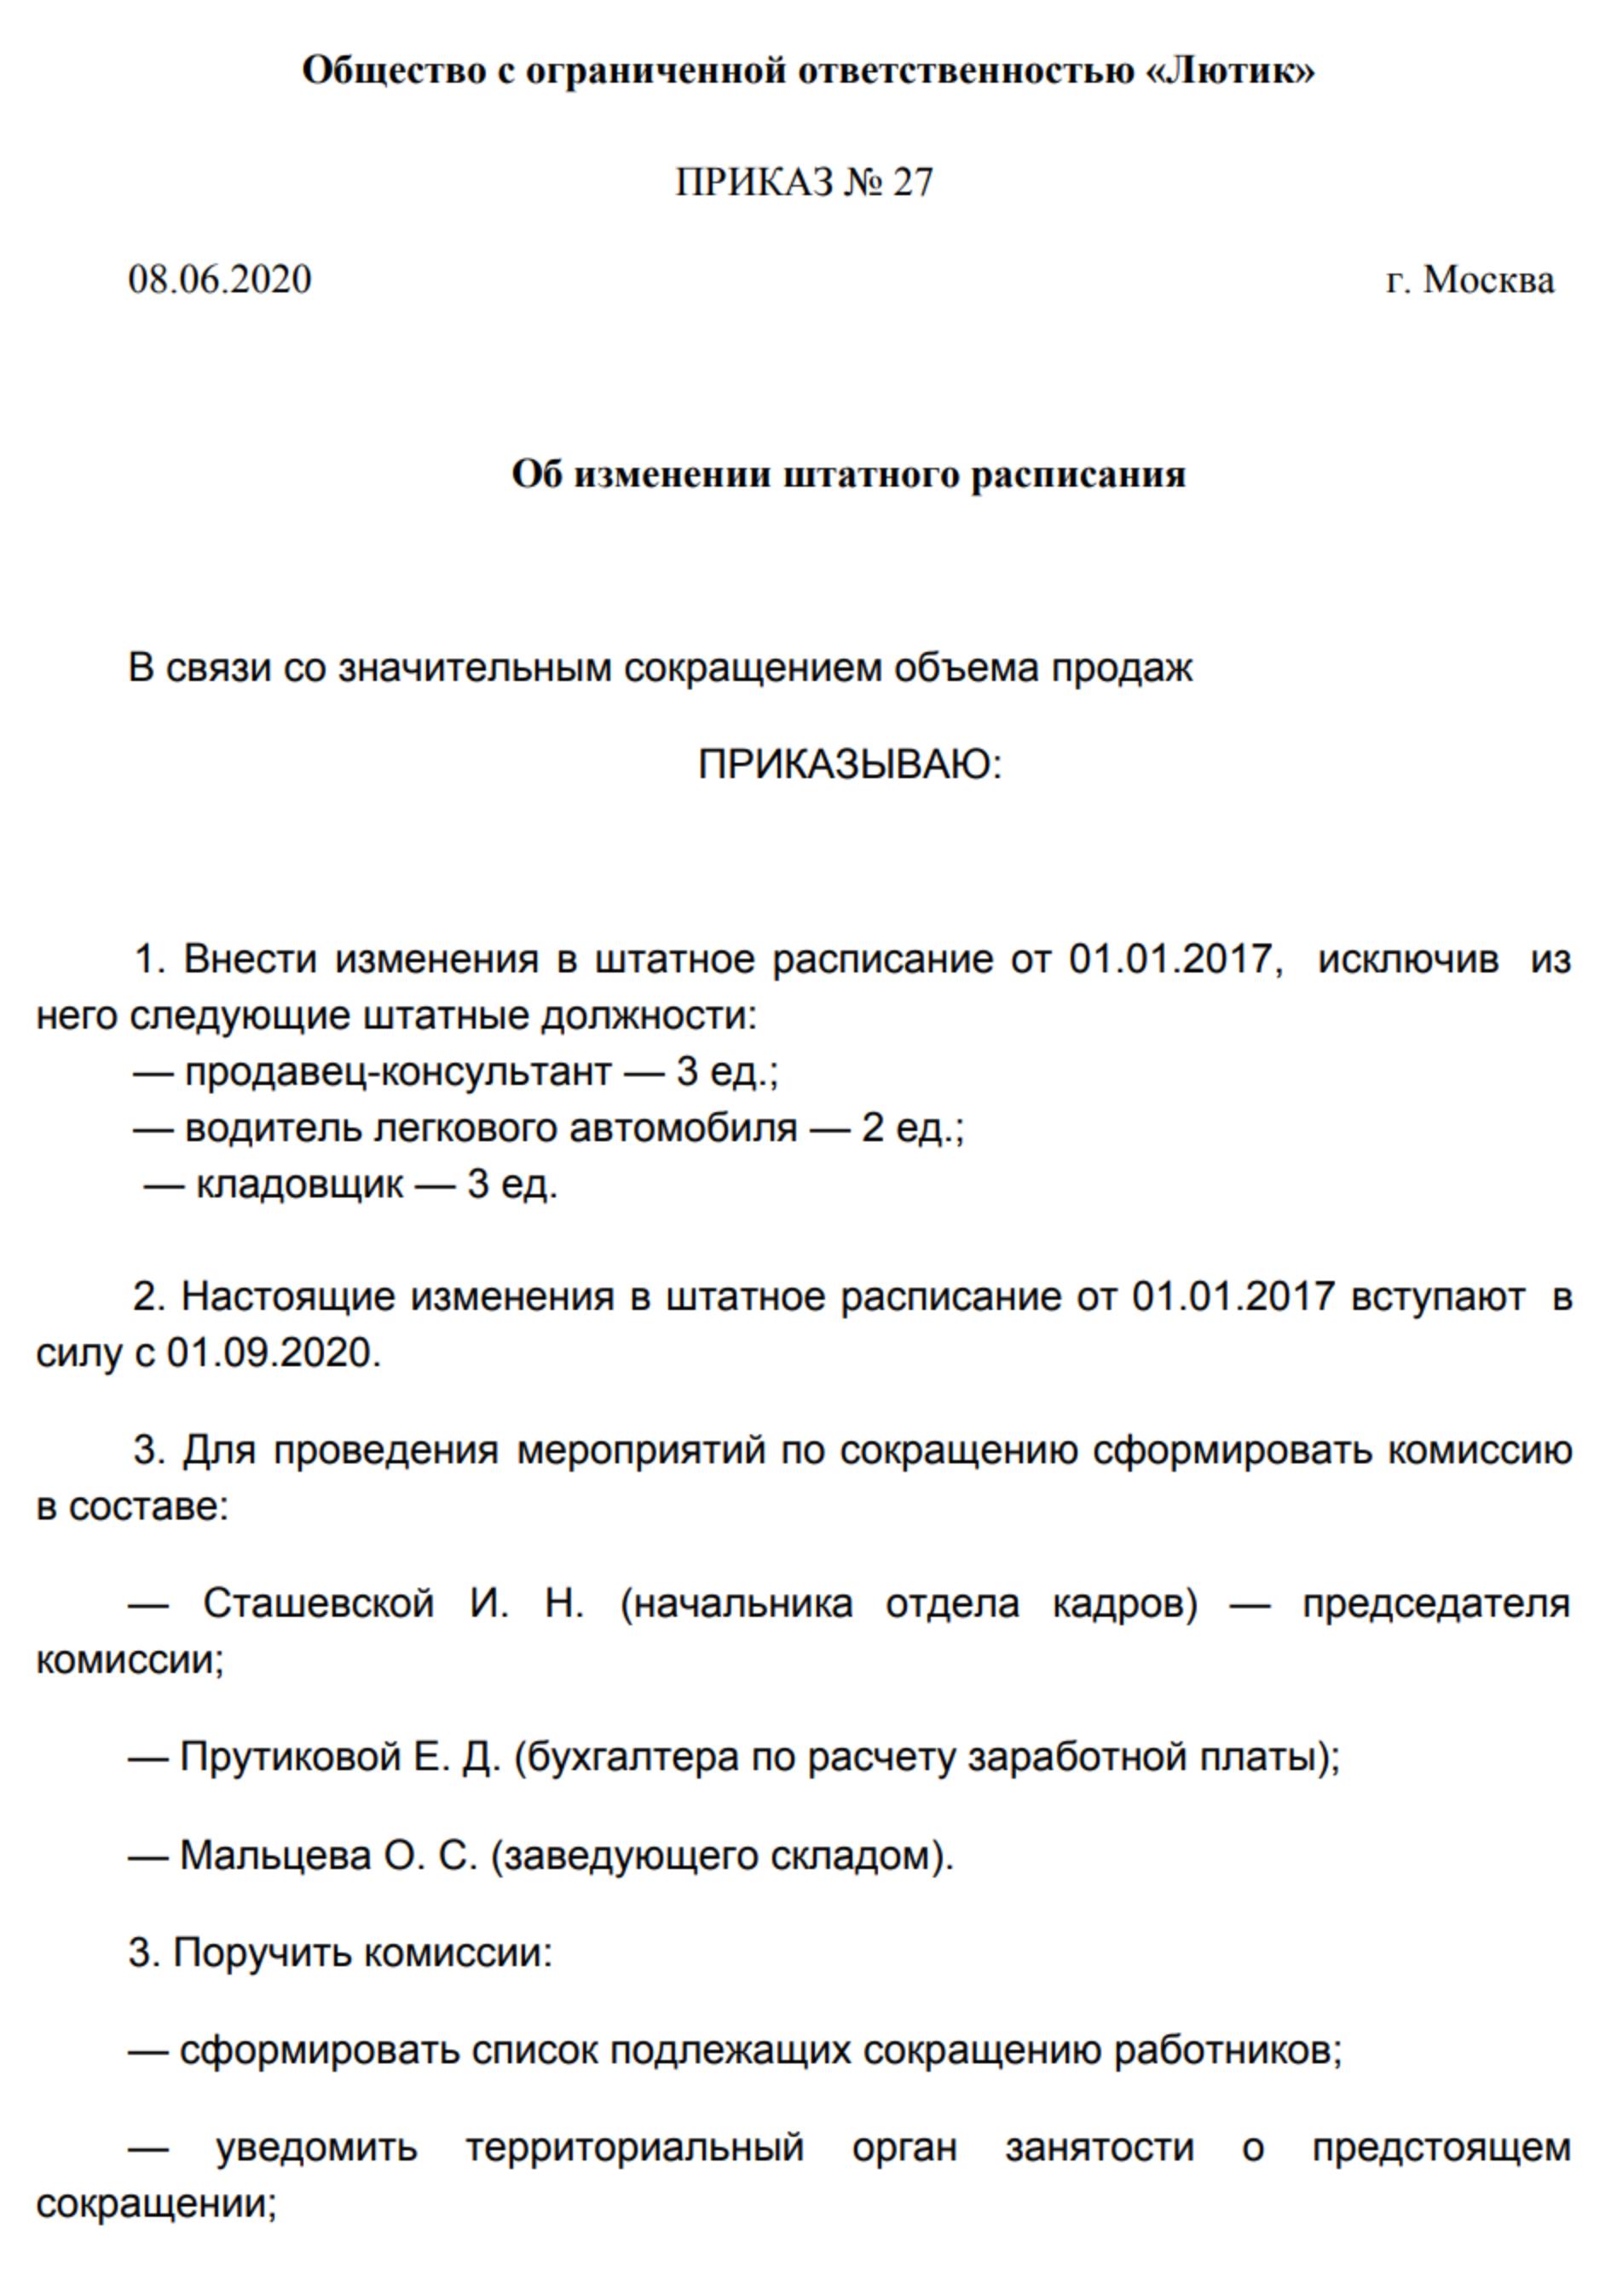 Пример приказа обизменении штатного расписания